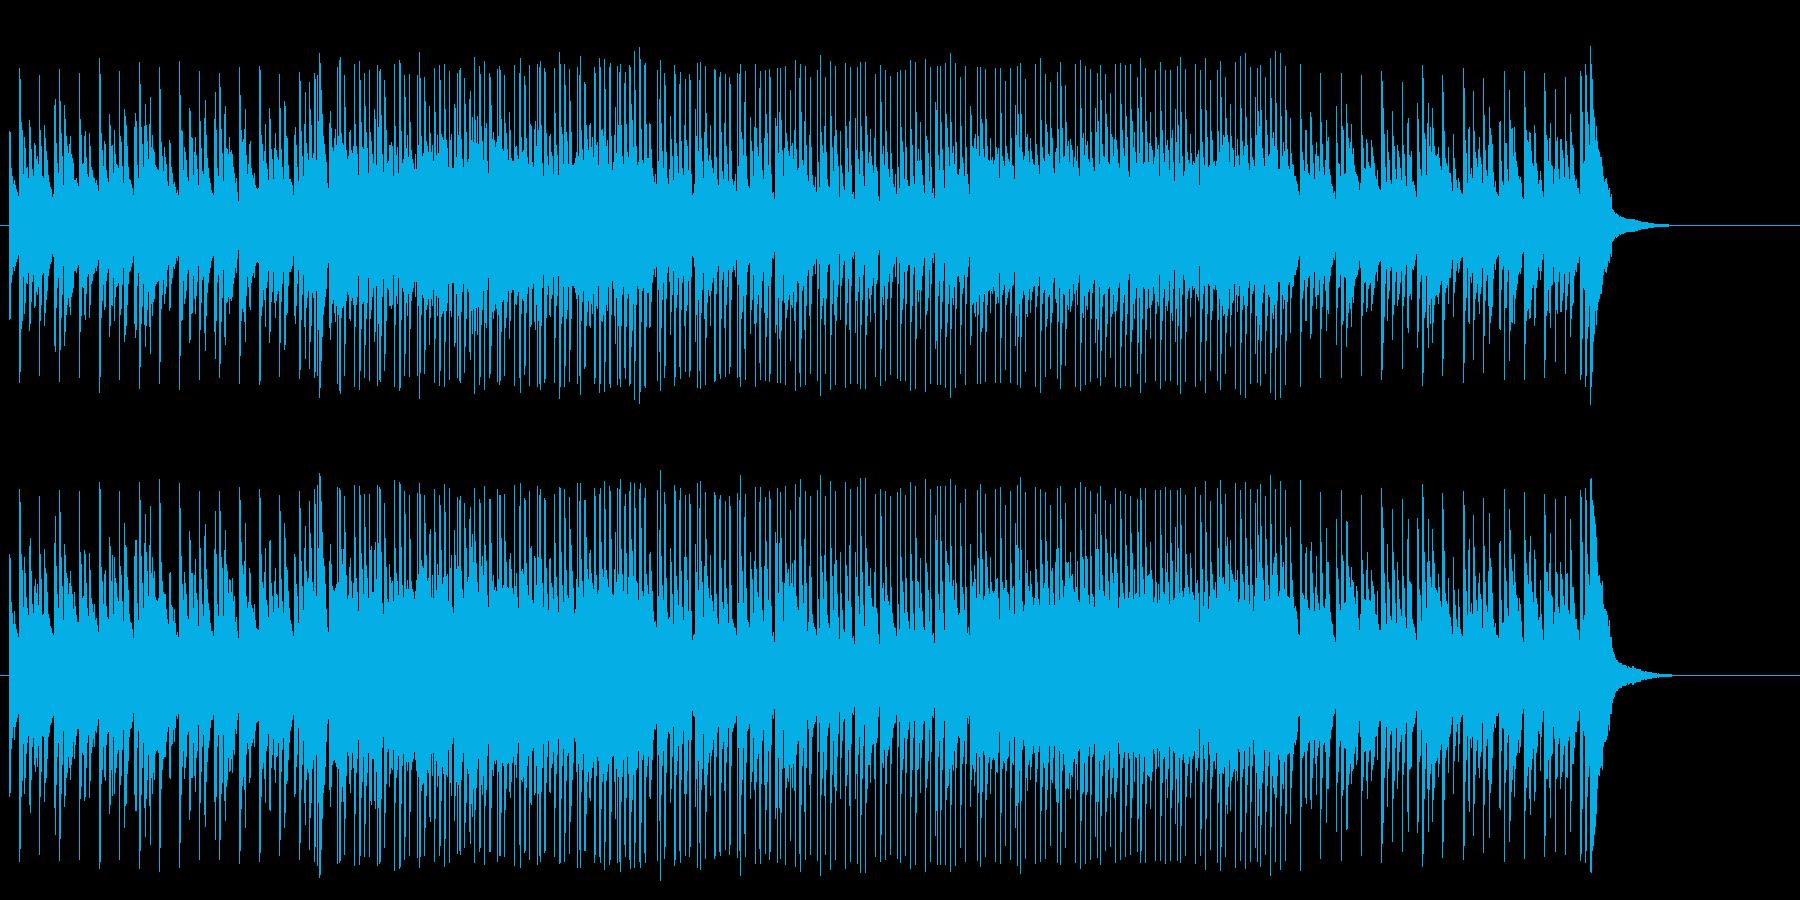 無機質なテクノポップの再生済みの波形